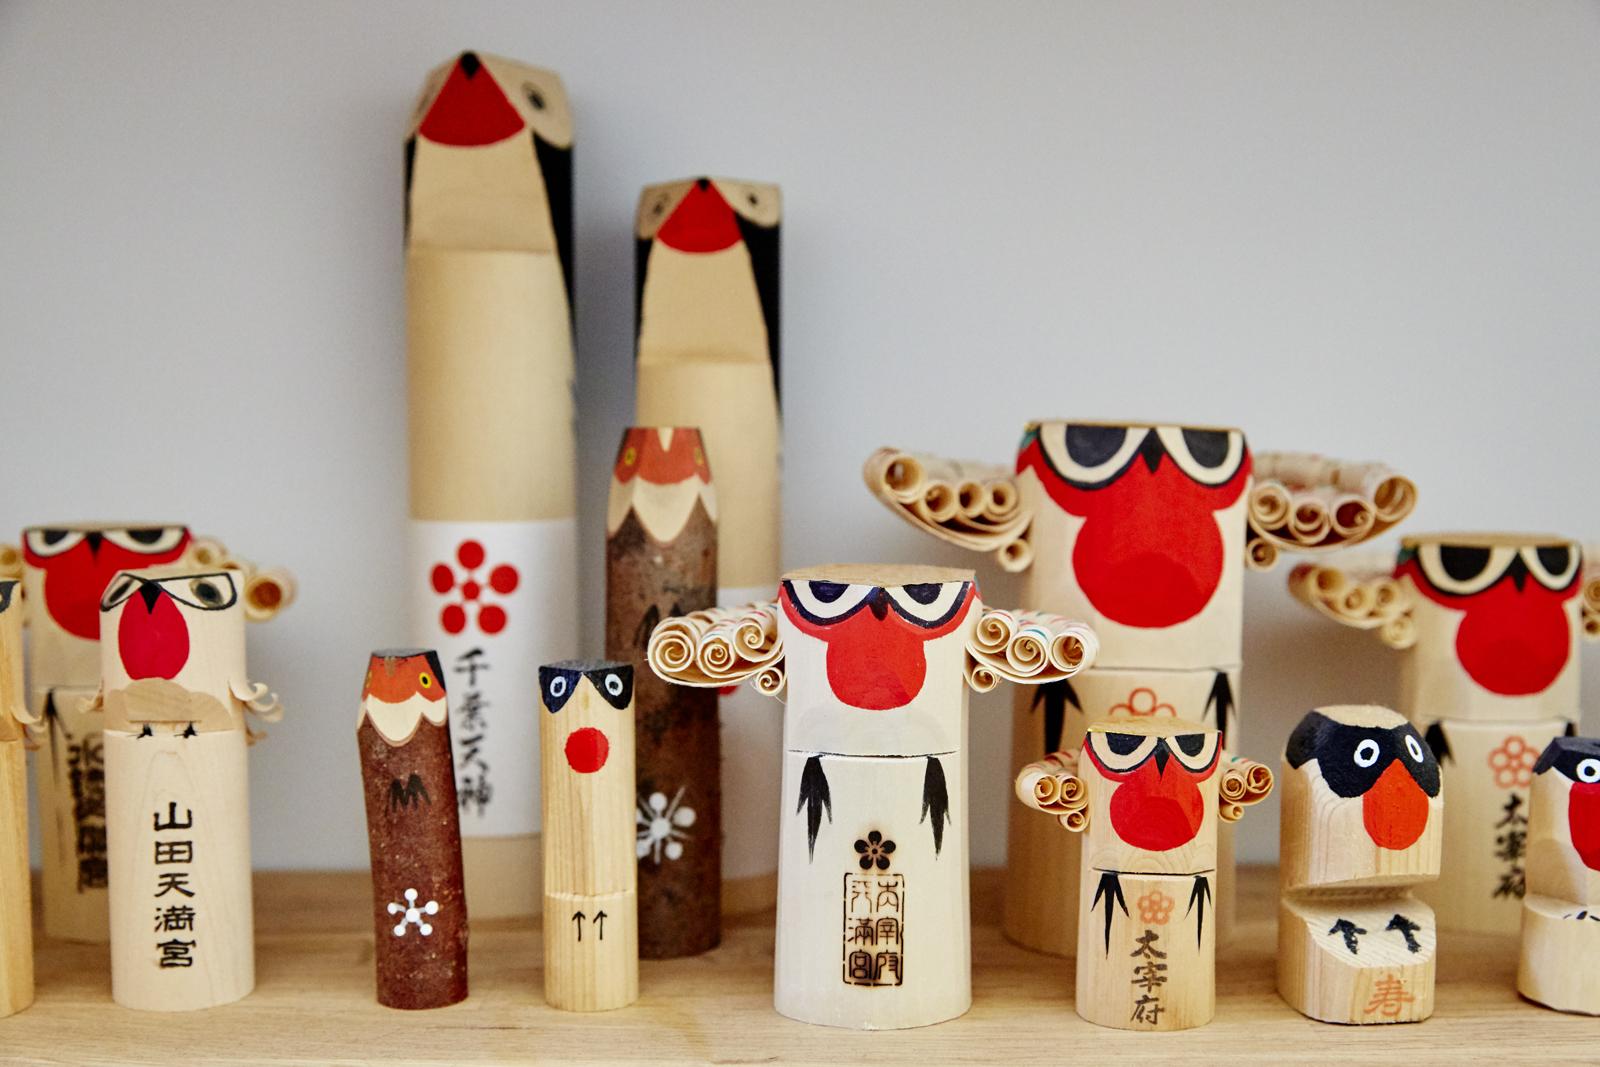 福岡の郷土玩具・うそ